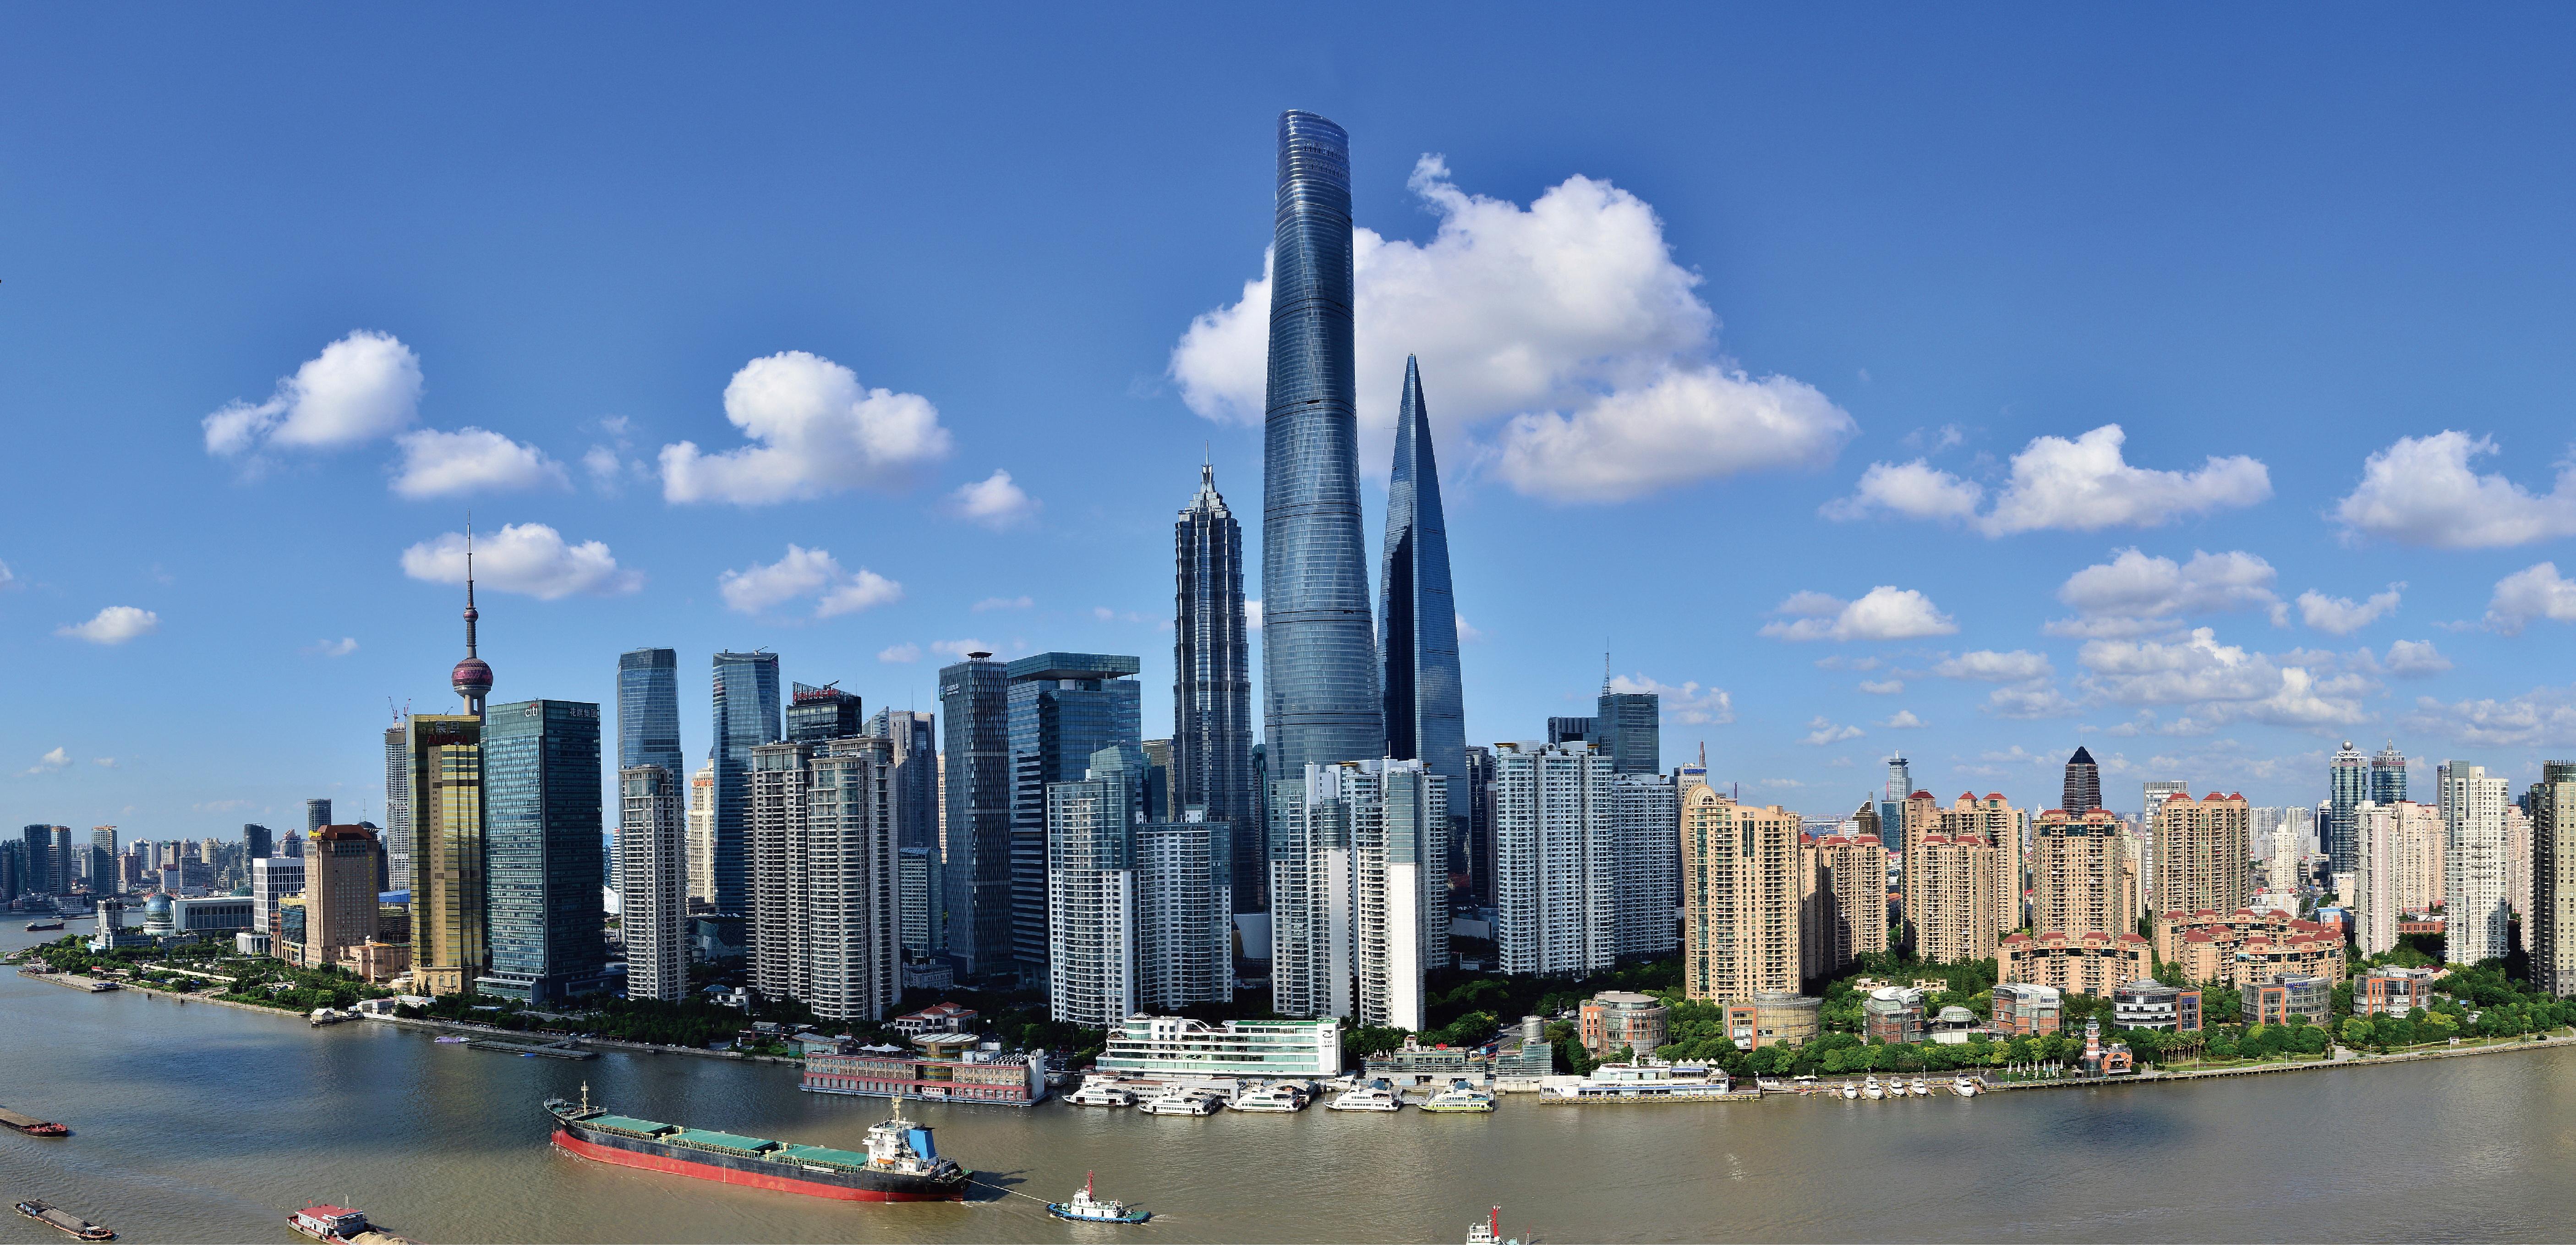 """上海建设""""十四五""""规划,金融中心软实力显著提升"""